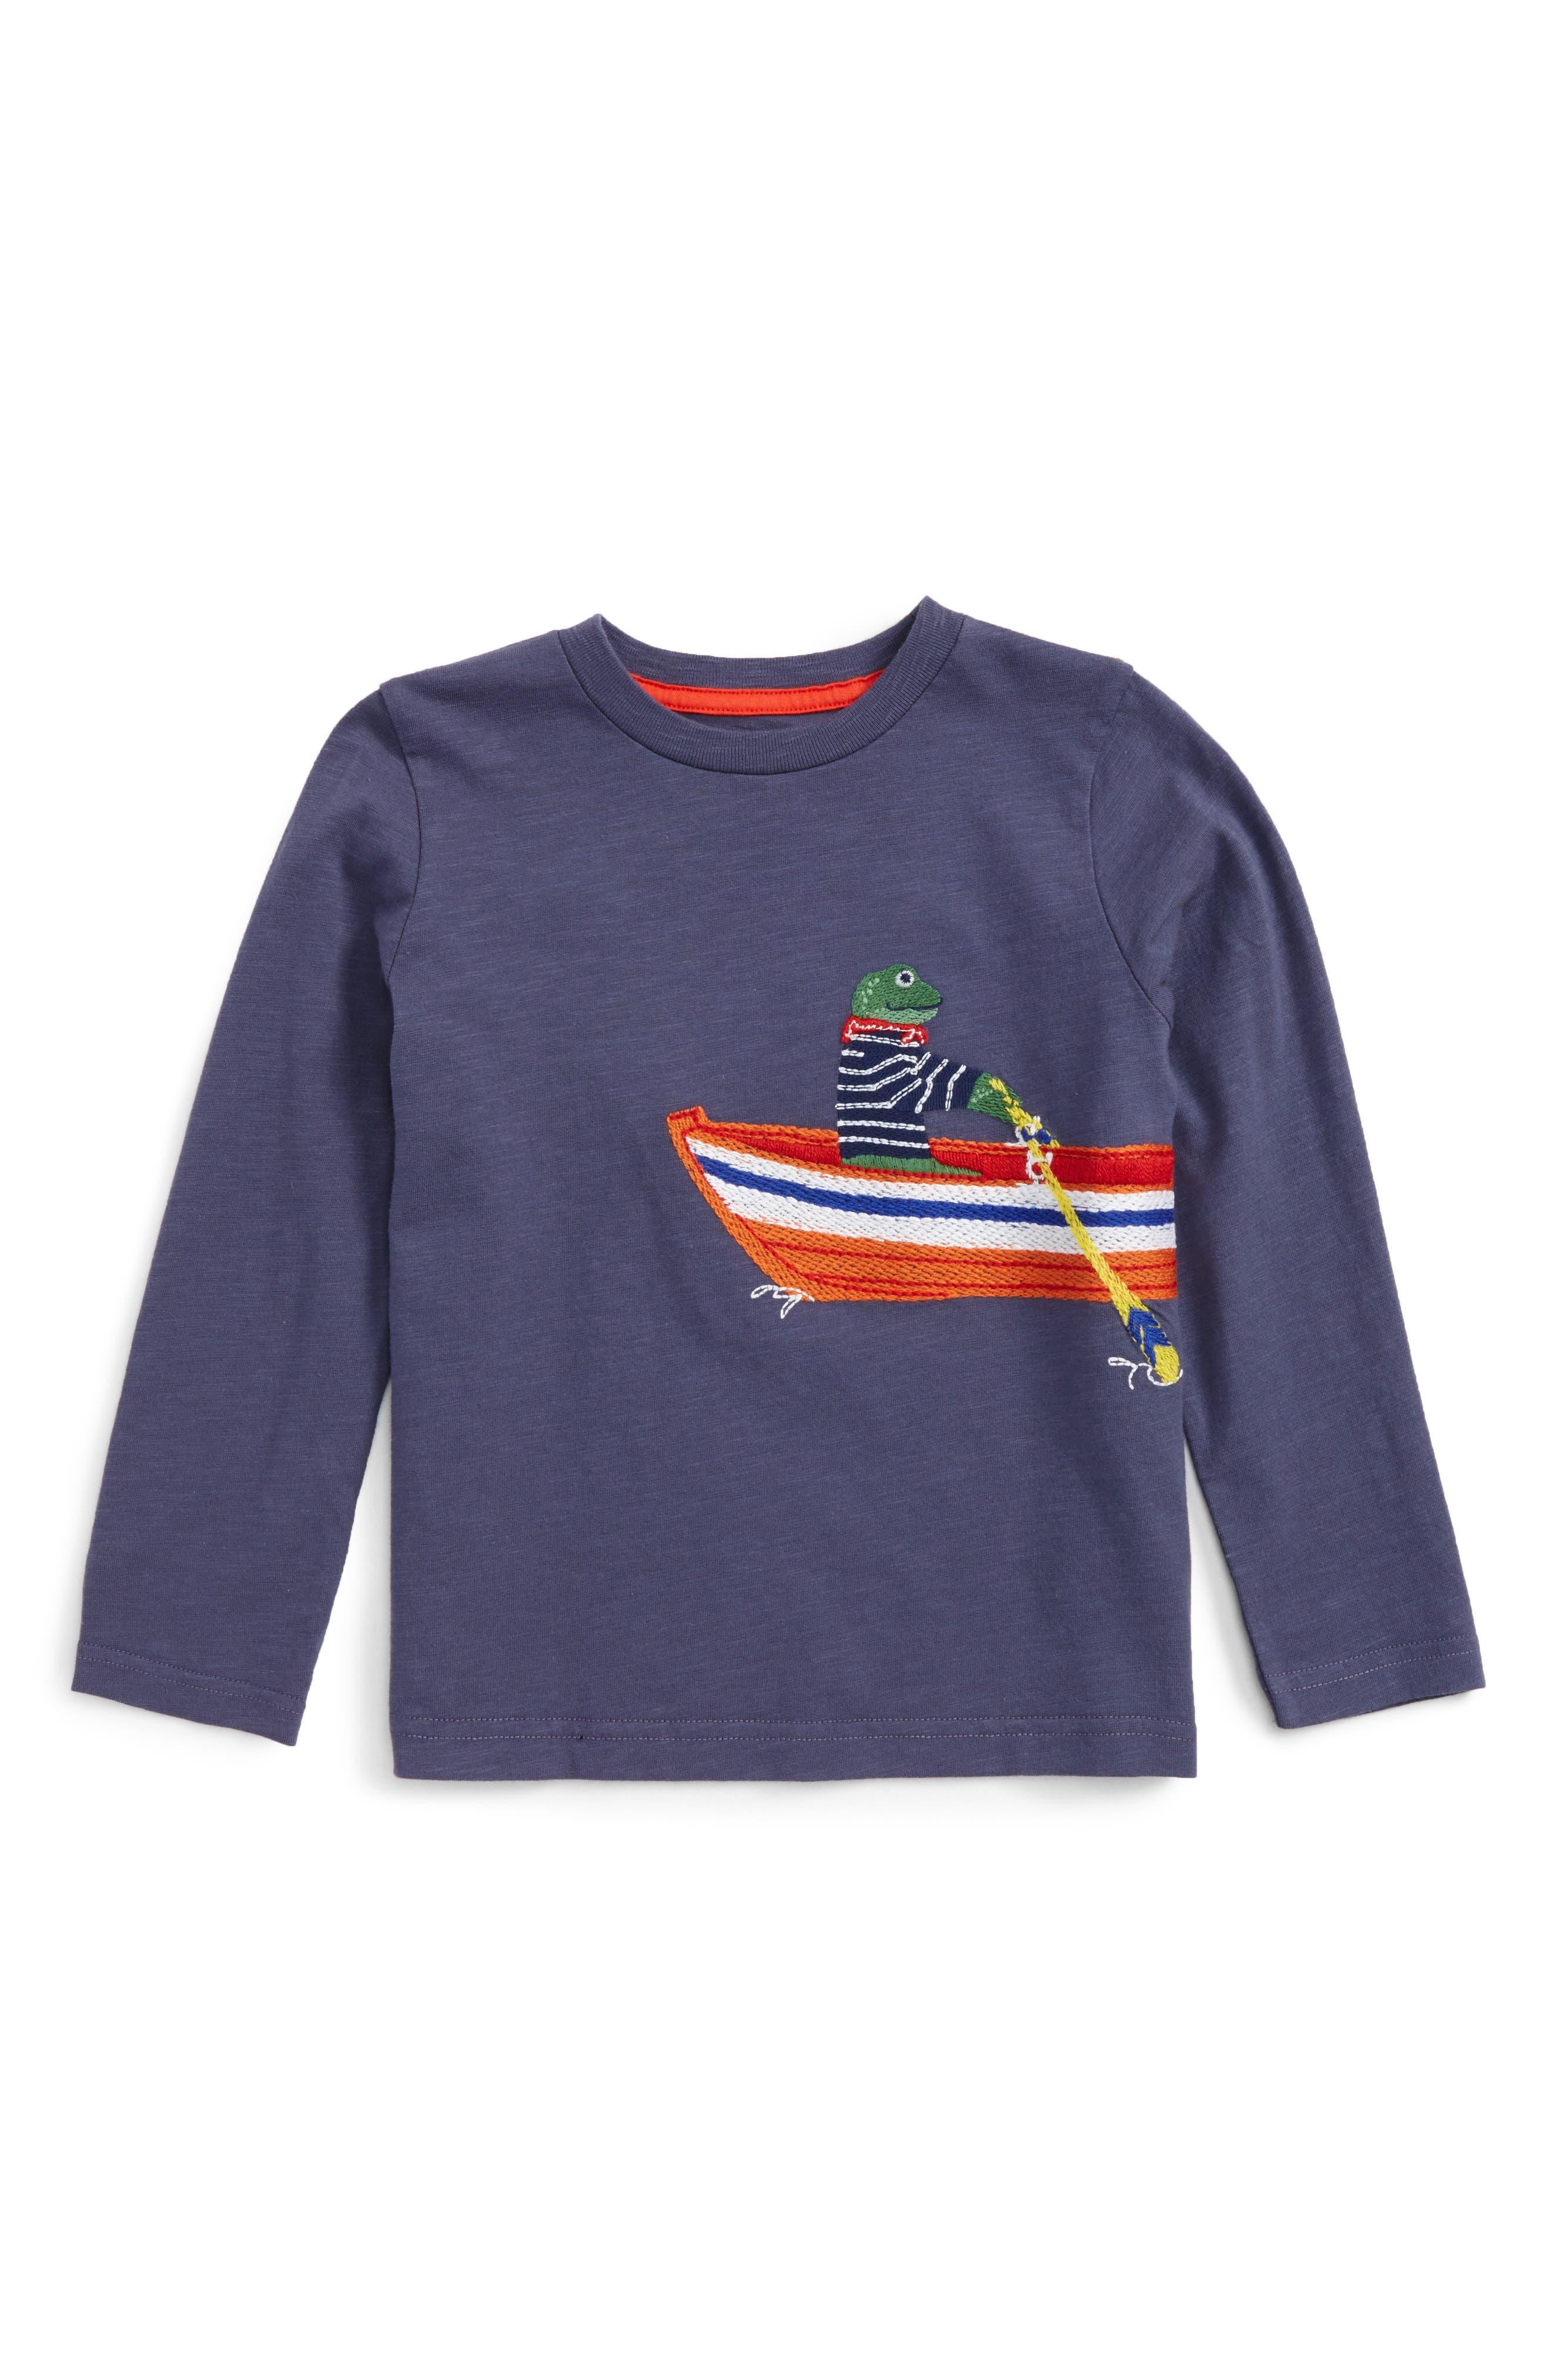 Superstitch T-Shirt,                             Main thumbnail 1, color,                             024